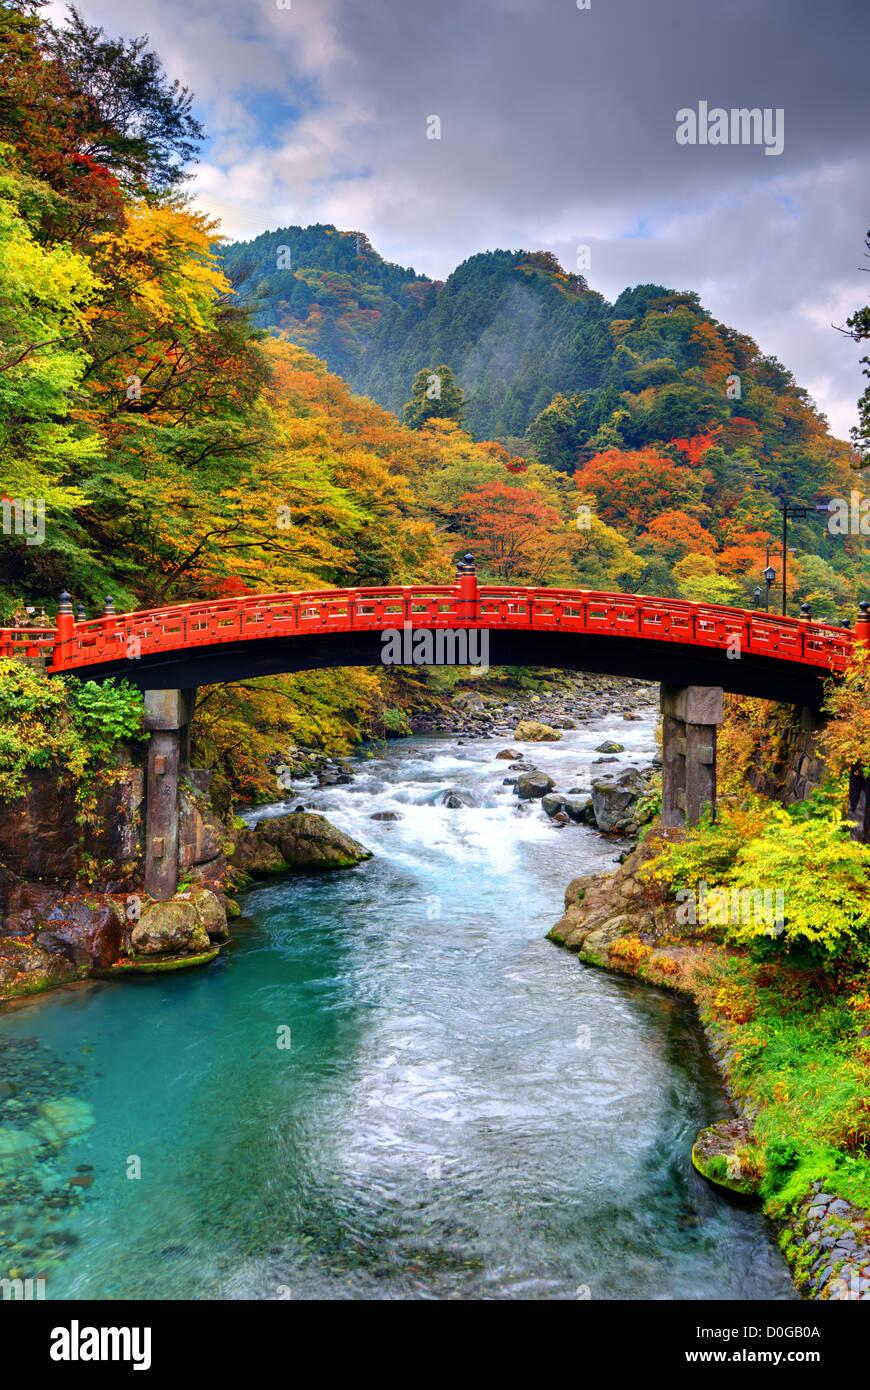 Shinkyo Bridge in Nikko, Japan. - Stock Image